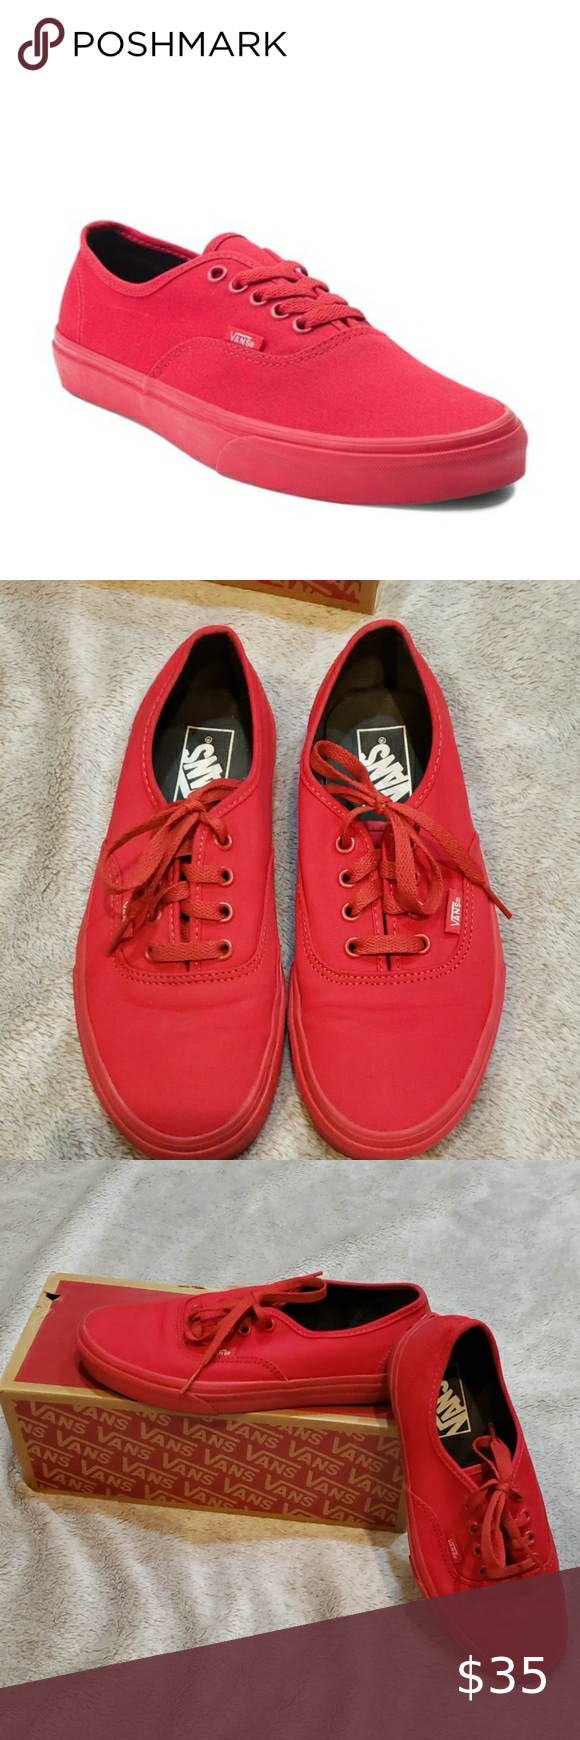 convert women's shoe size to men's vans